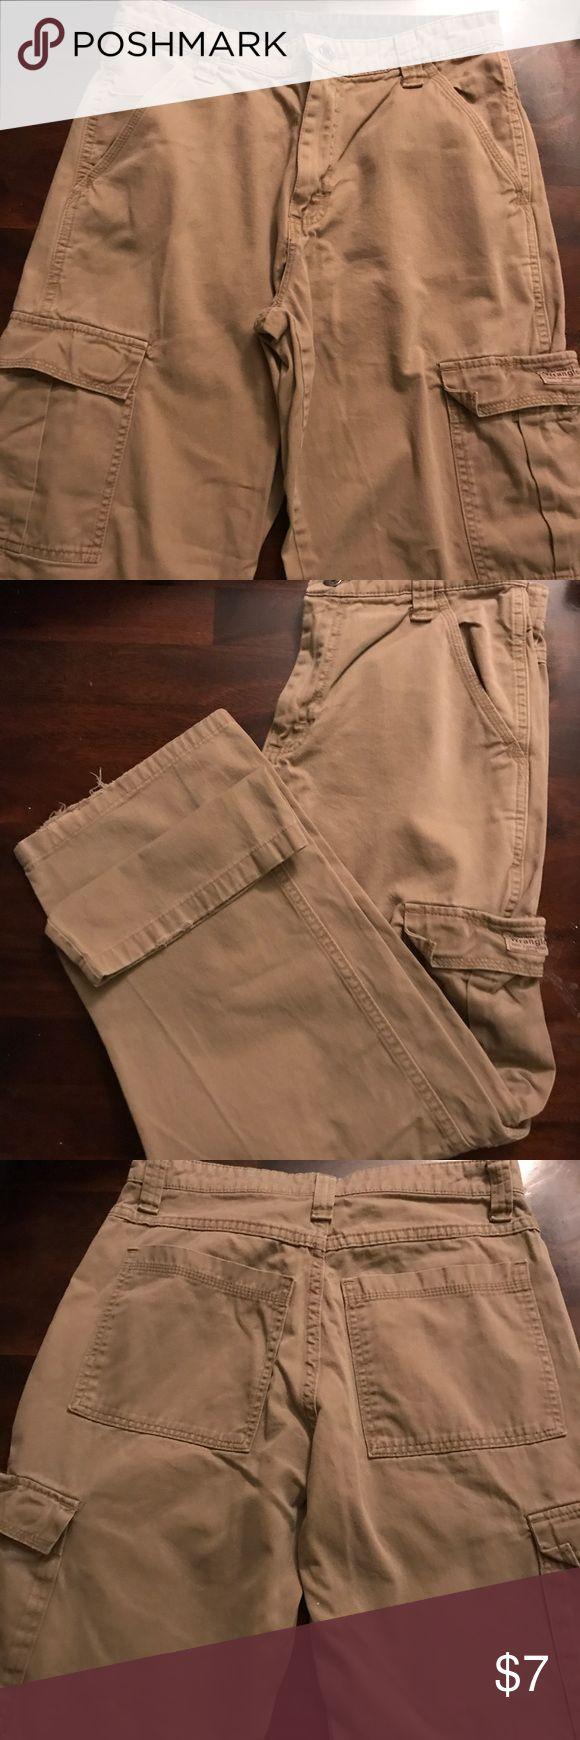 Wrangler Khaki Cargo Pants Mens Size 29/30 Wrangler Khaki Cargo Pants in Men's Size 29/30 in Good Used Condition  Minimal Whiskering on Leg Bottoms (Shown in Picture) Wrangler Pants Cargo